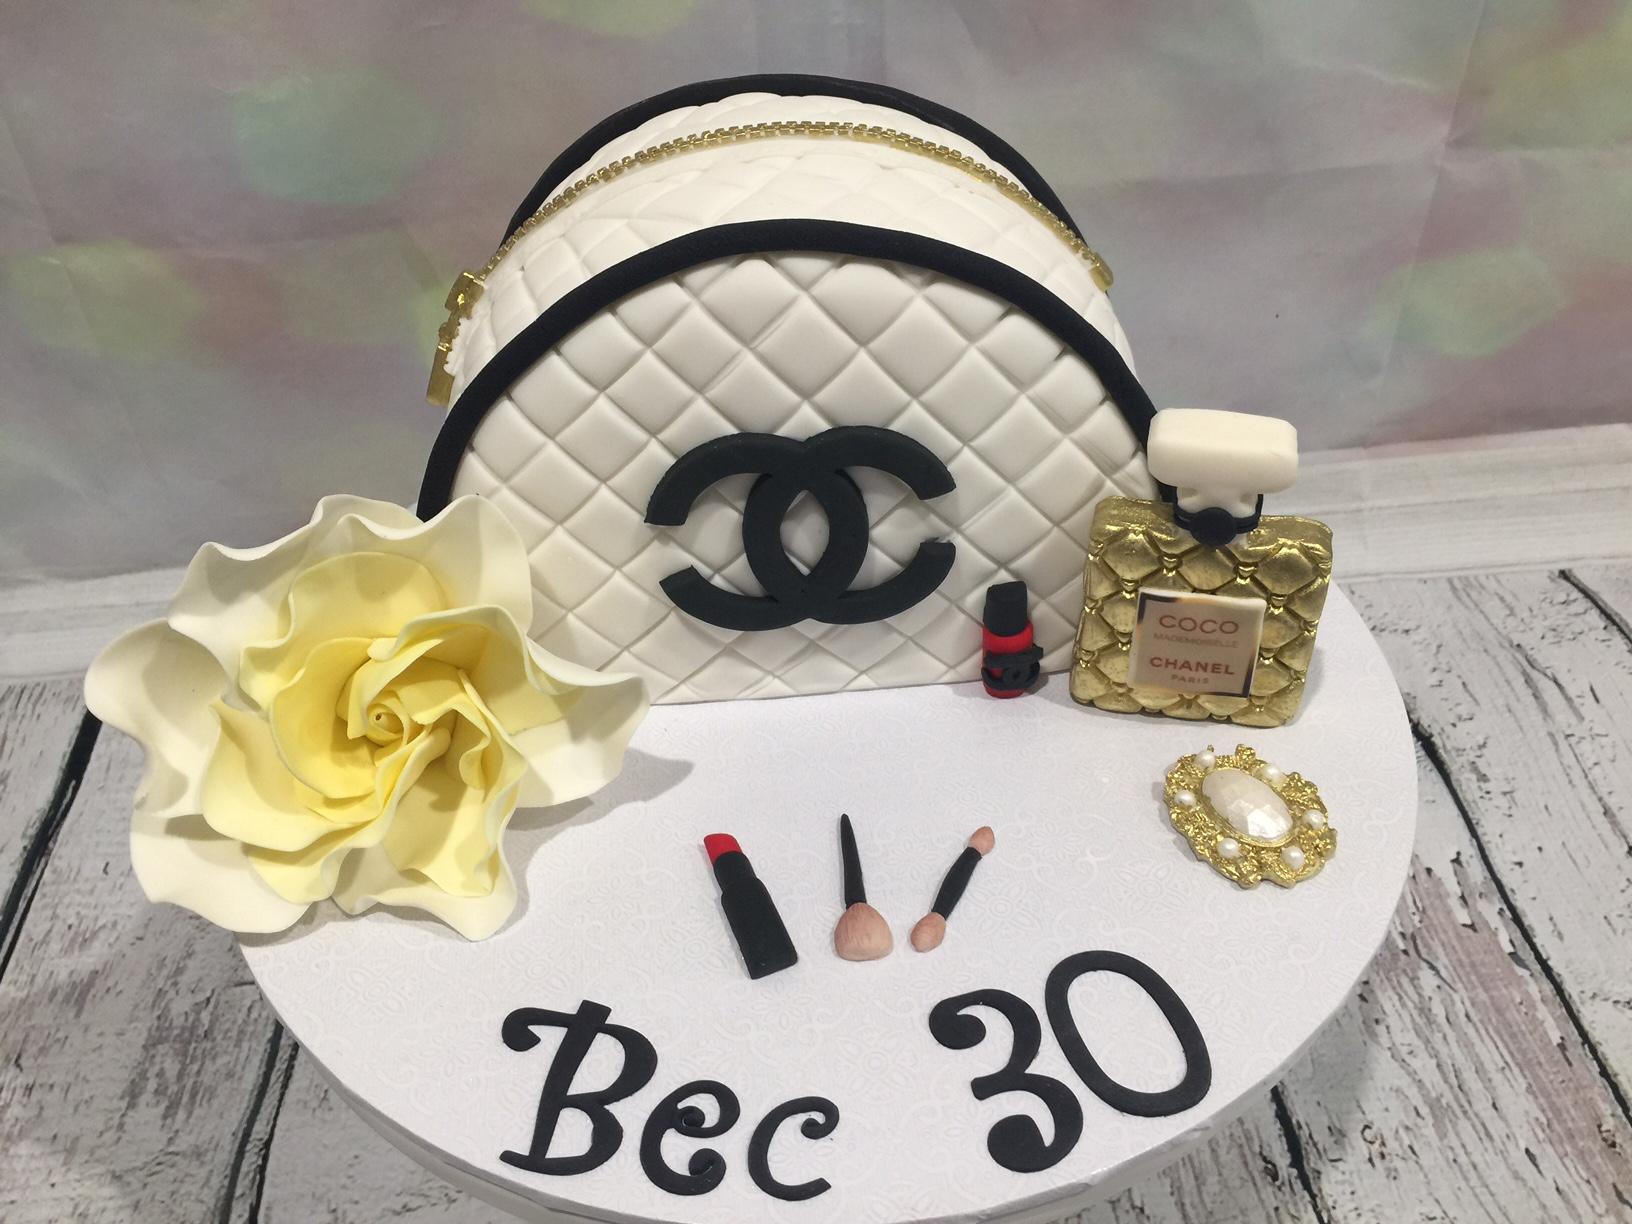 Designer-Maker-Up-Bag-Birthday-Cake.JPG